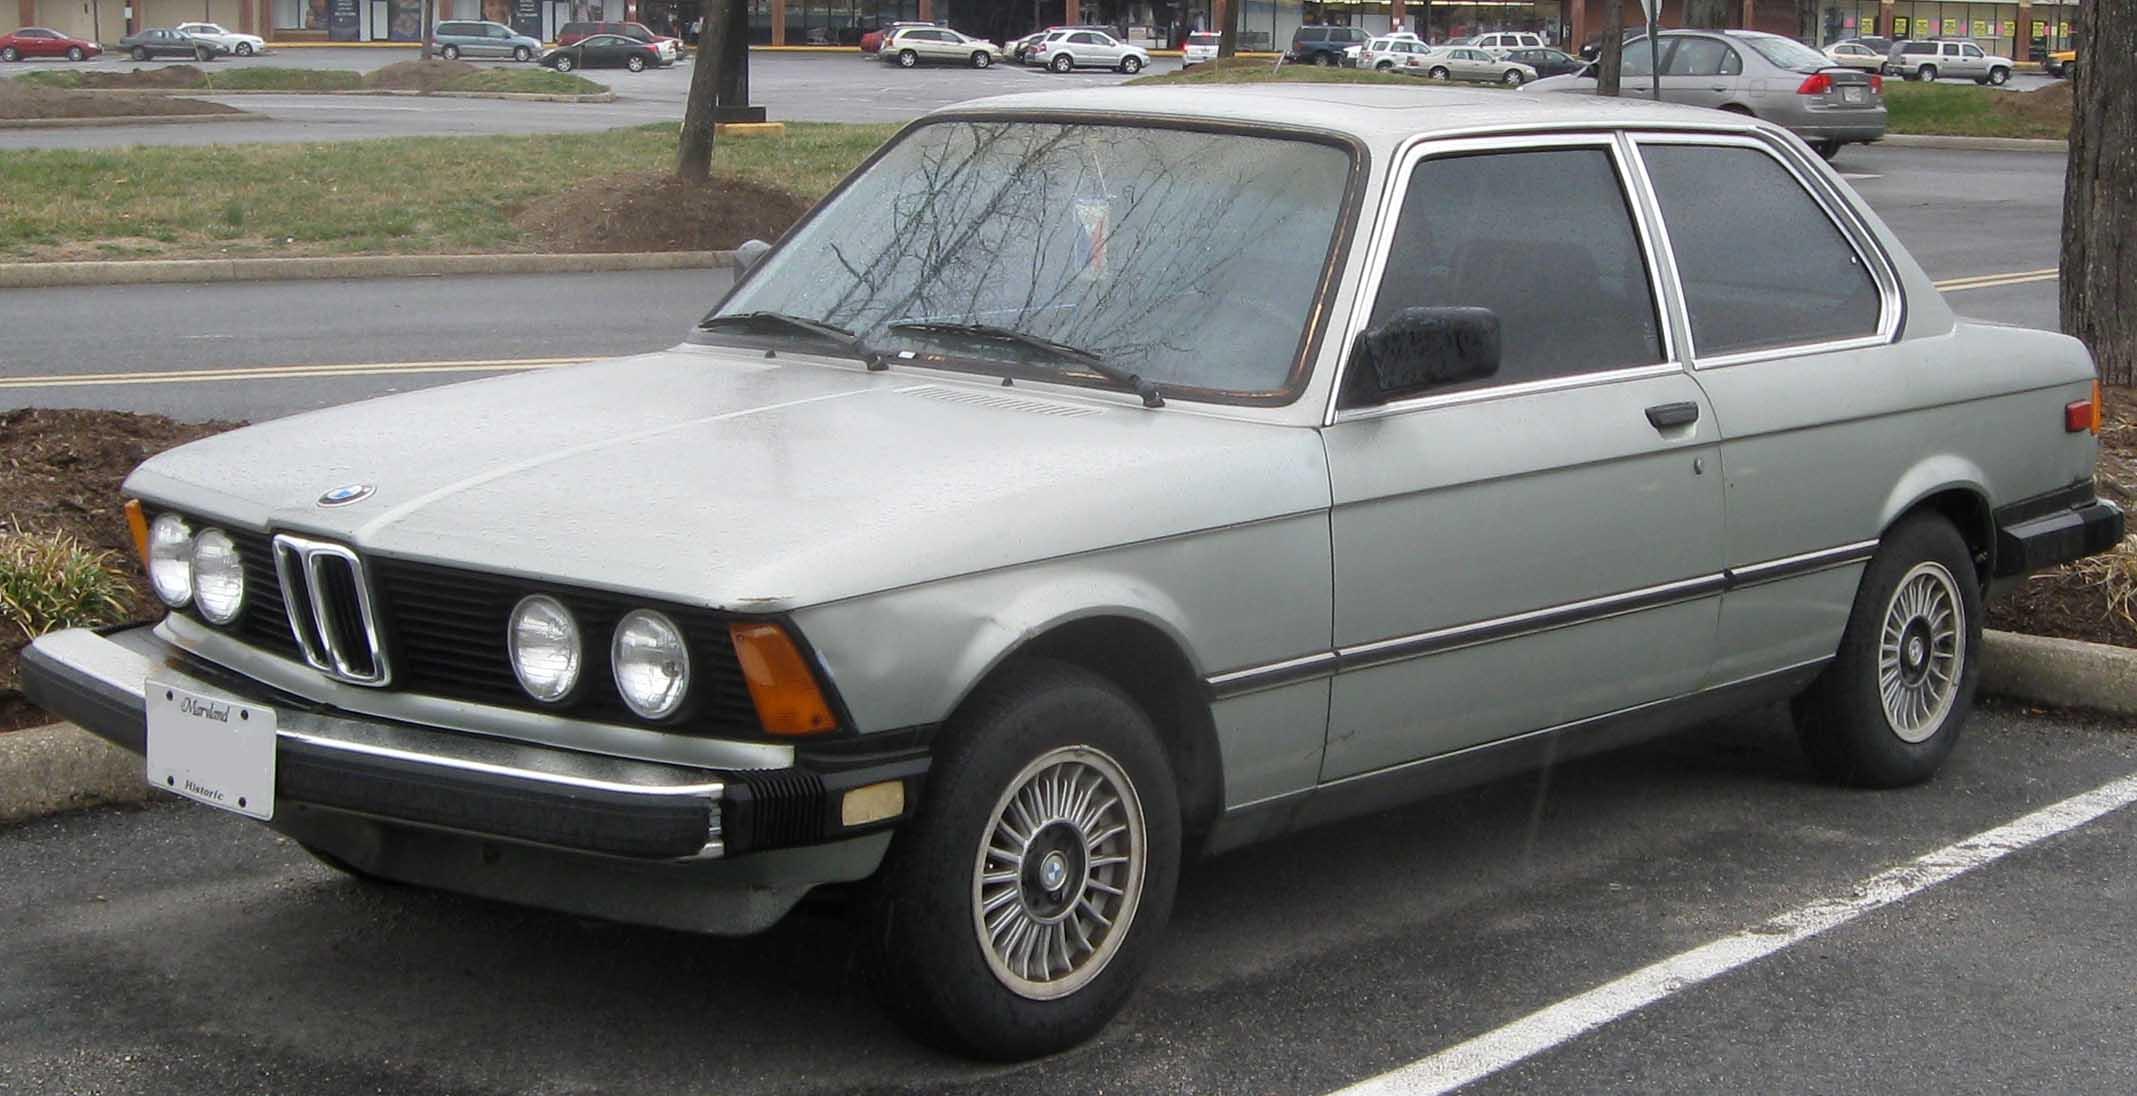 BMW 320i 2 door Photo Free Download Image Of